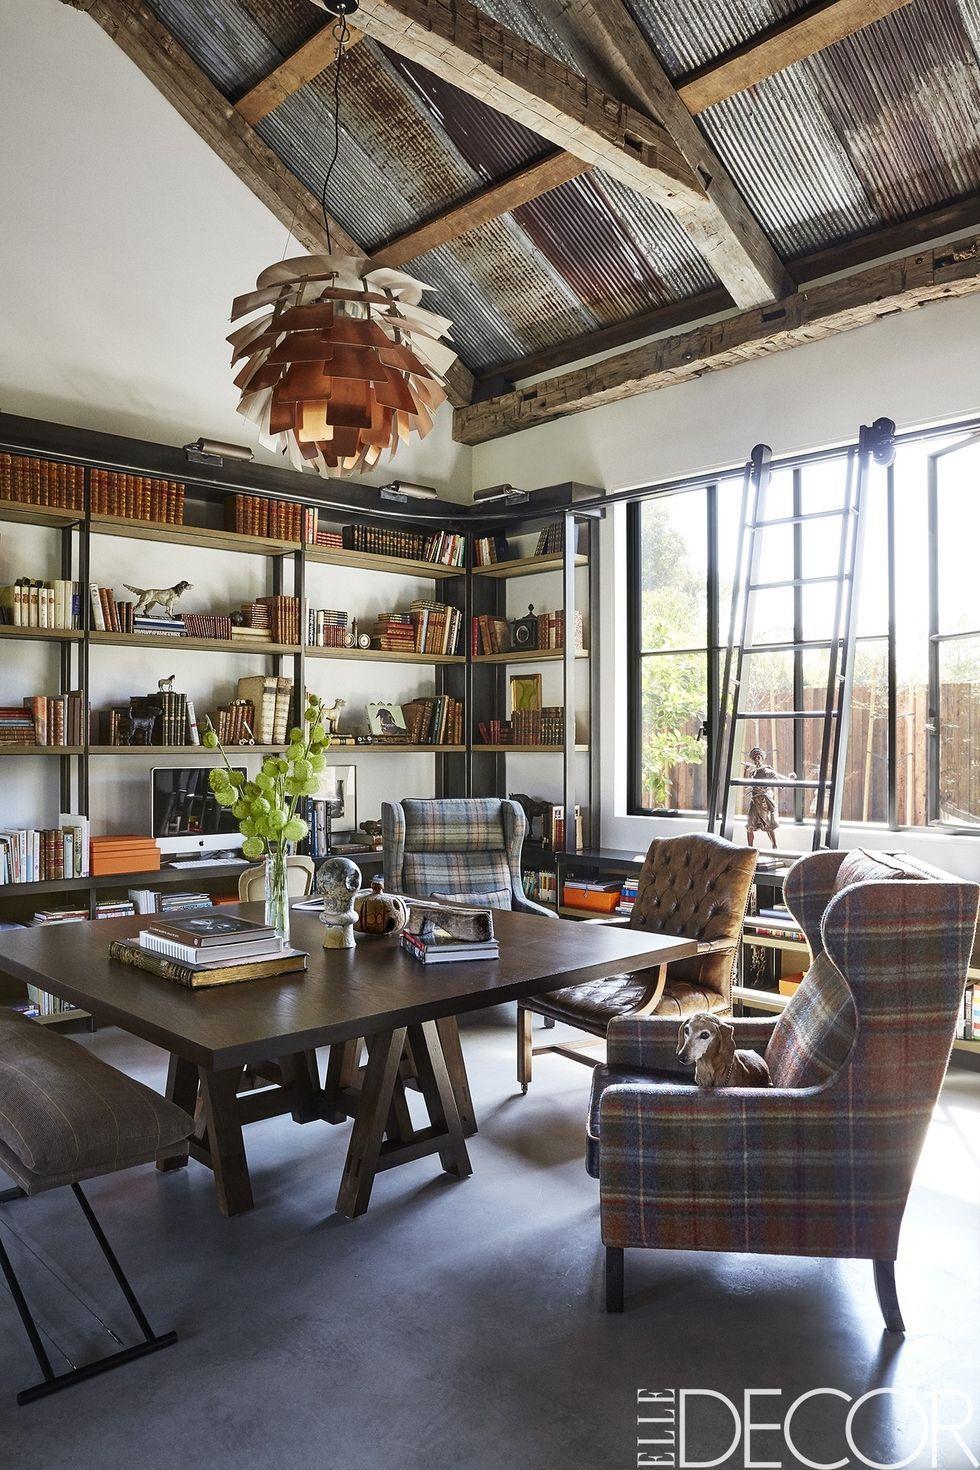 Elegant Rustic Home Decor